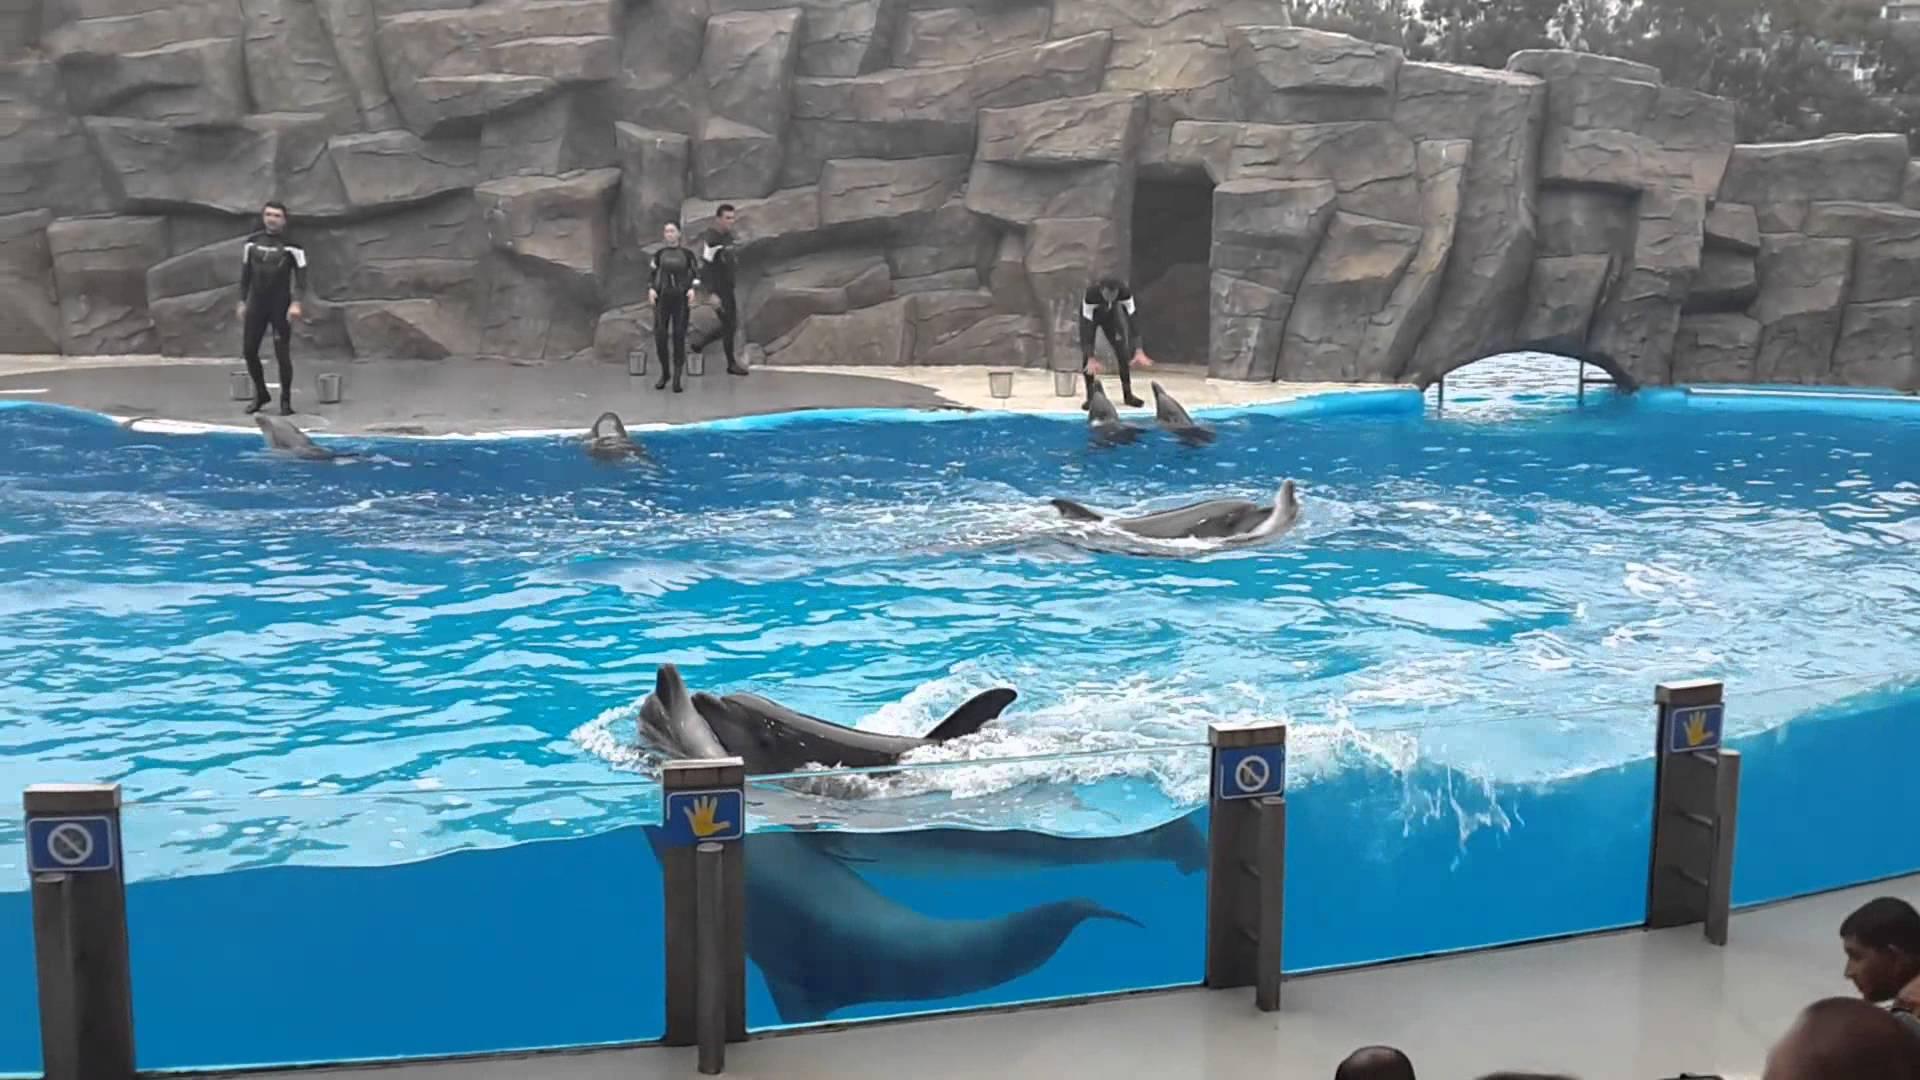 عرض الدلافين في مدينة باتومي جورجيا